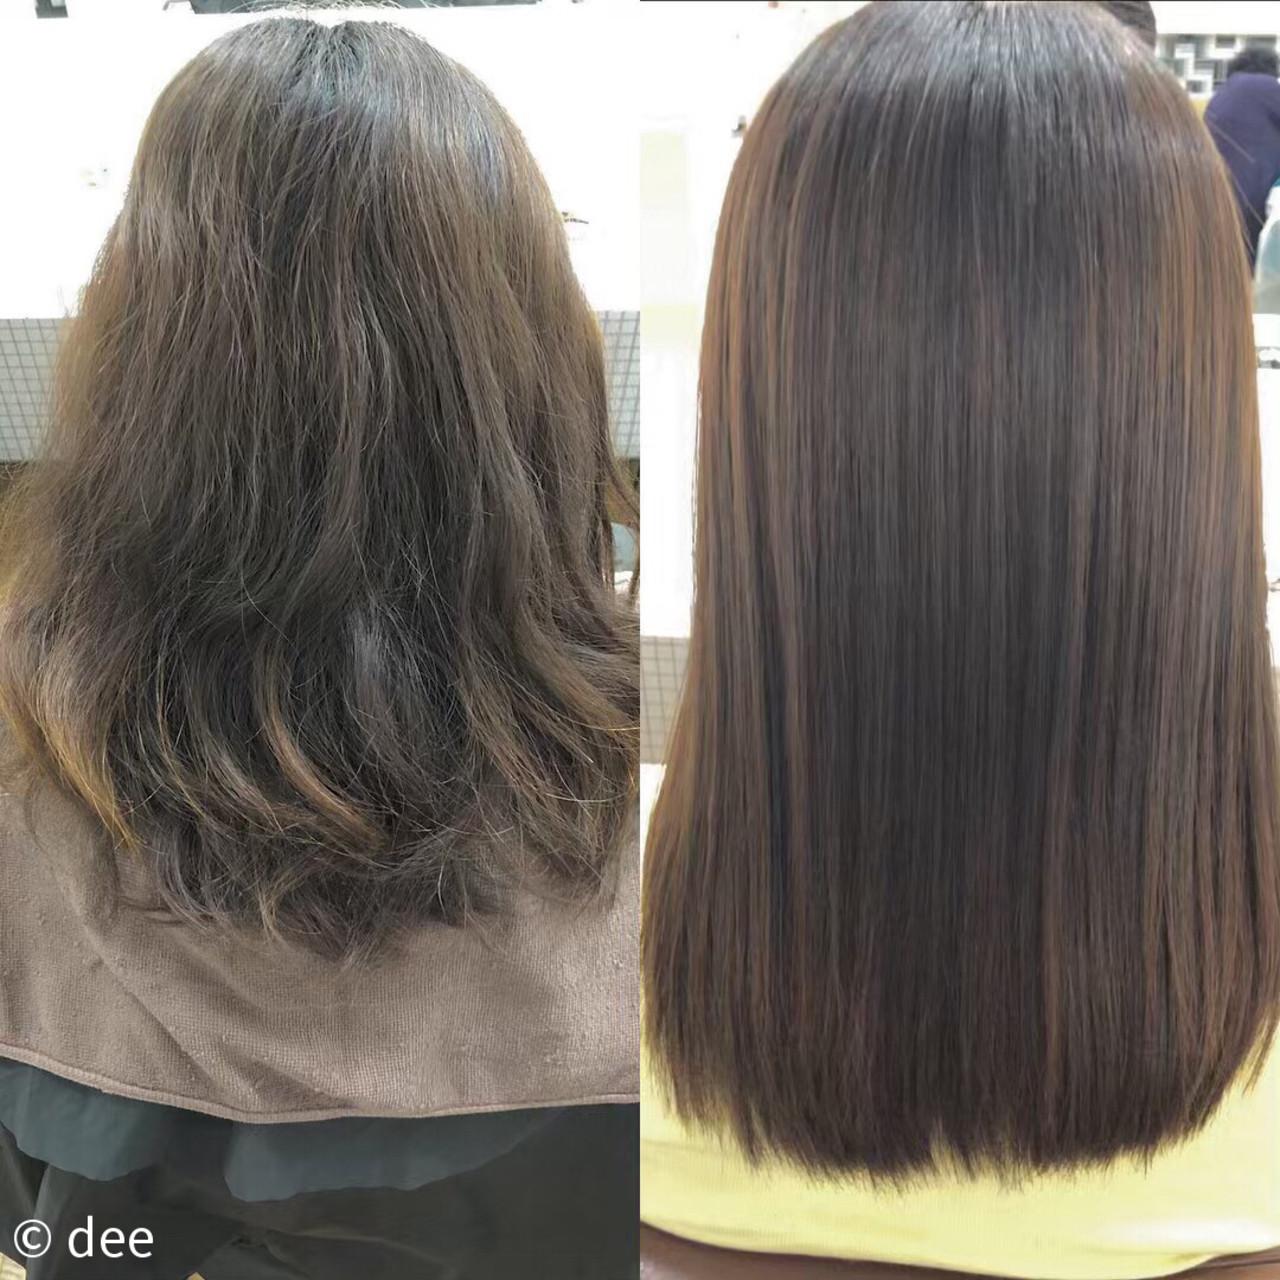 縮毛矯正 縮毛矯正ストカール ナチュラル可愛い セミロング ヘアスタイルや髪型の写真・画像